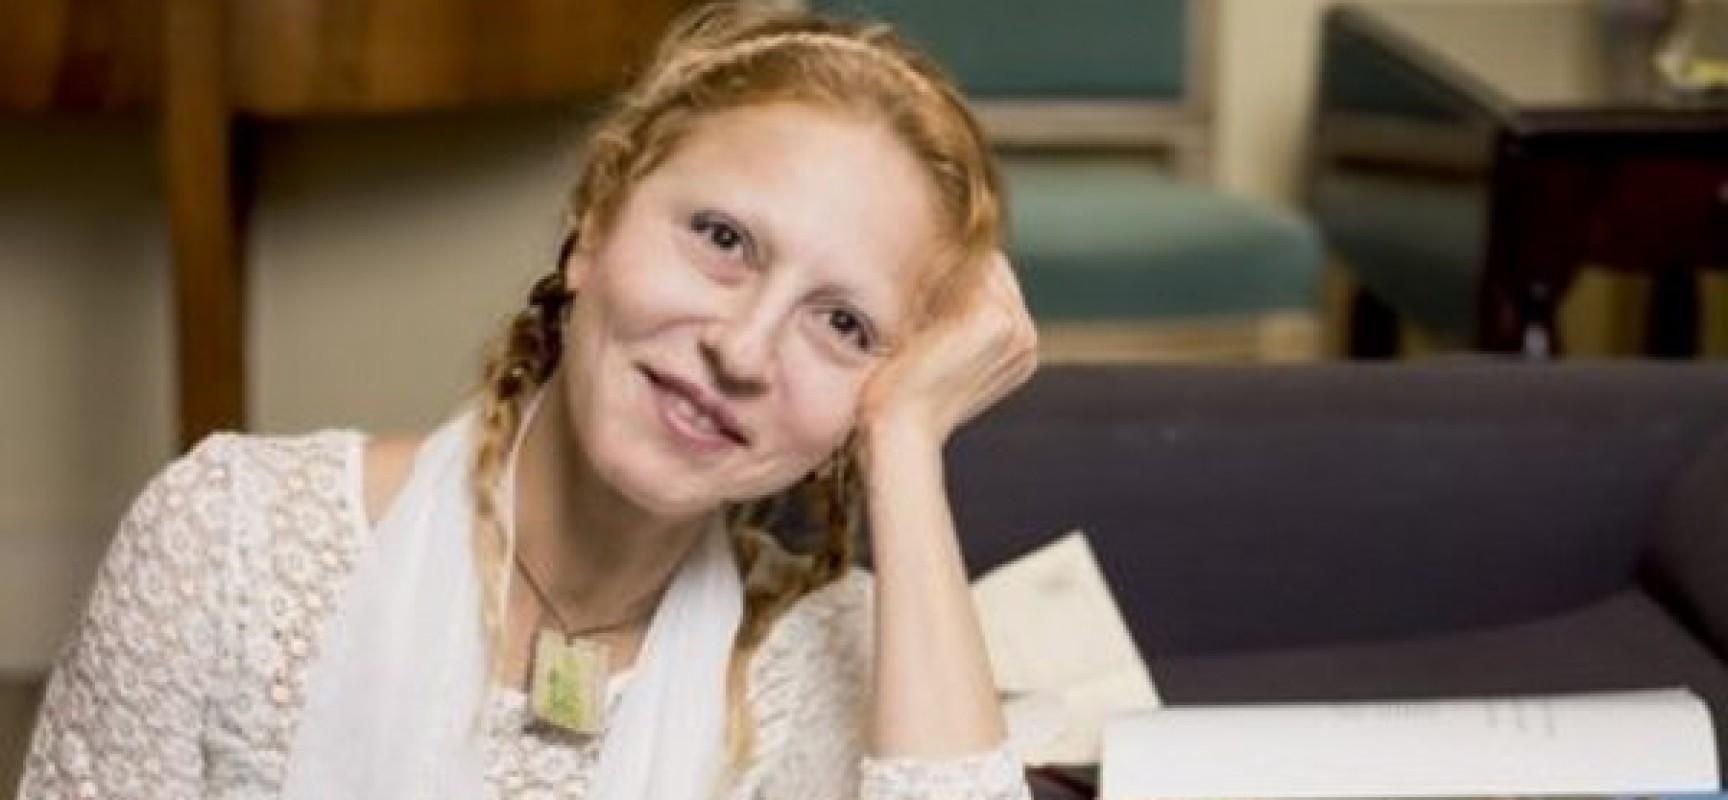 La sœur de Bernard-Henri Lévy abandonne le judaïsme et dévoile le vrai visage de son frère